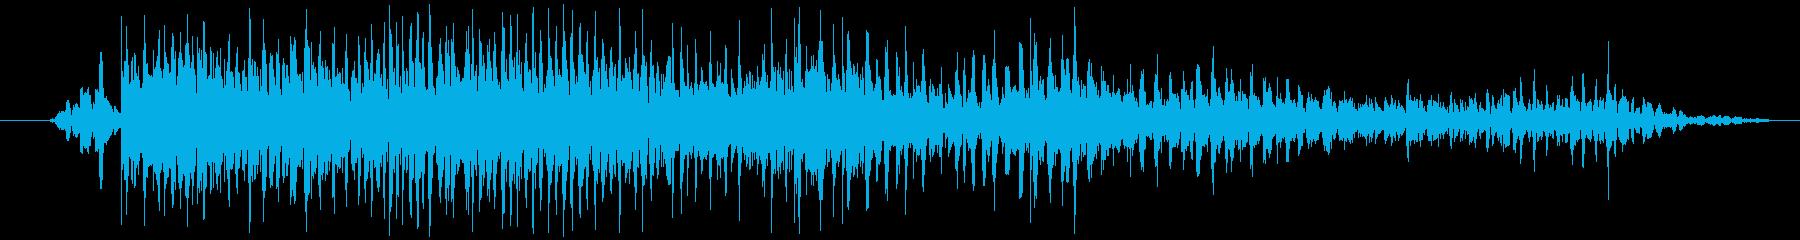 野獣 グラント02の再生済みの波形